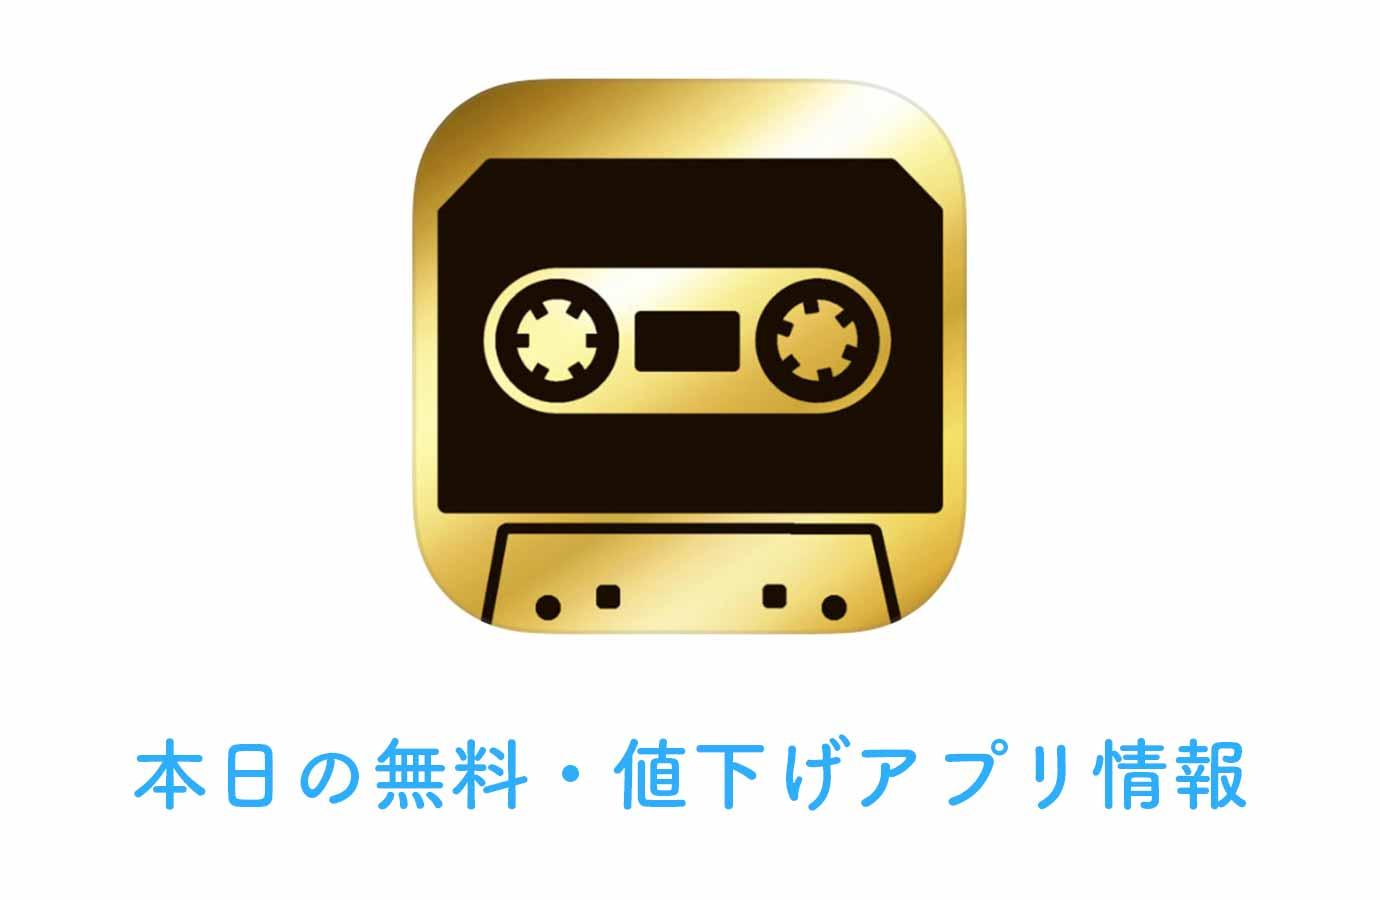 120円→無料、カセットプレイヤー風の音楽プレイヤー「Cassette Gold」など【6/2】本日の無料・値下げアプリ情報